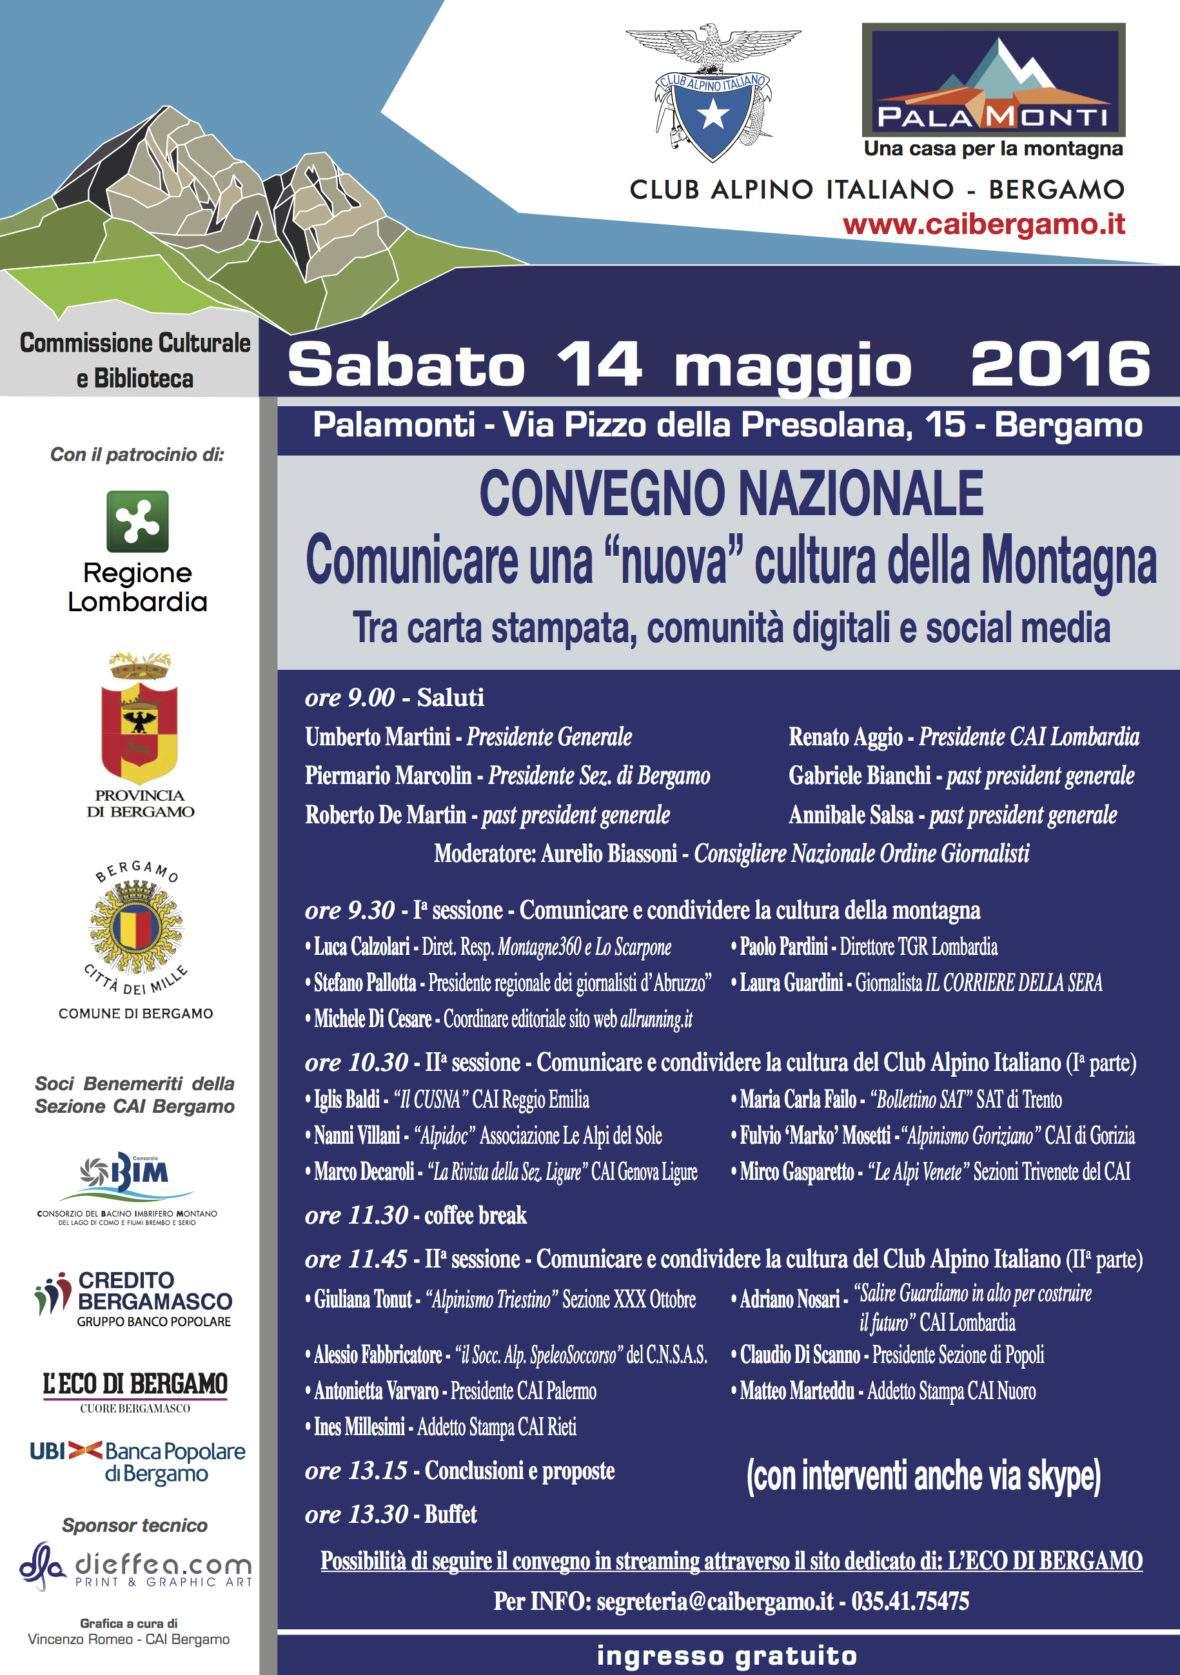 ComunicazioneNuovaCultura-CONVEGNO PALAMONTI 14-05-16_def